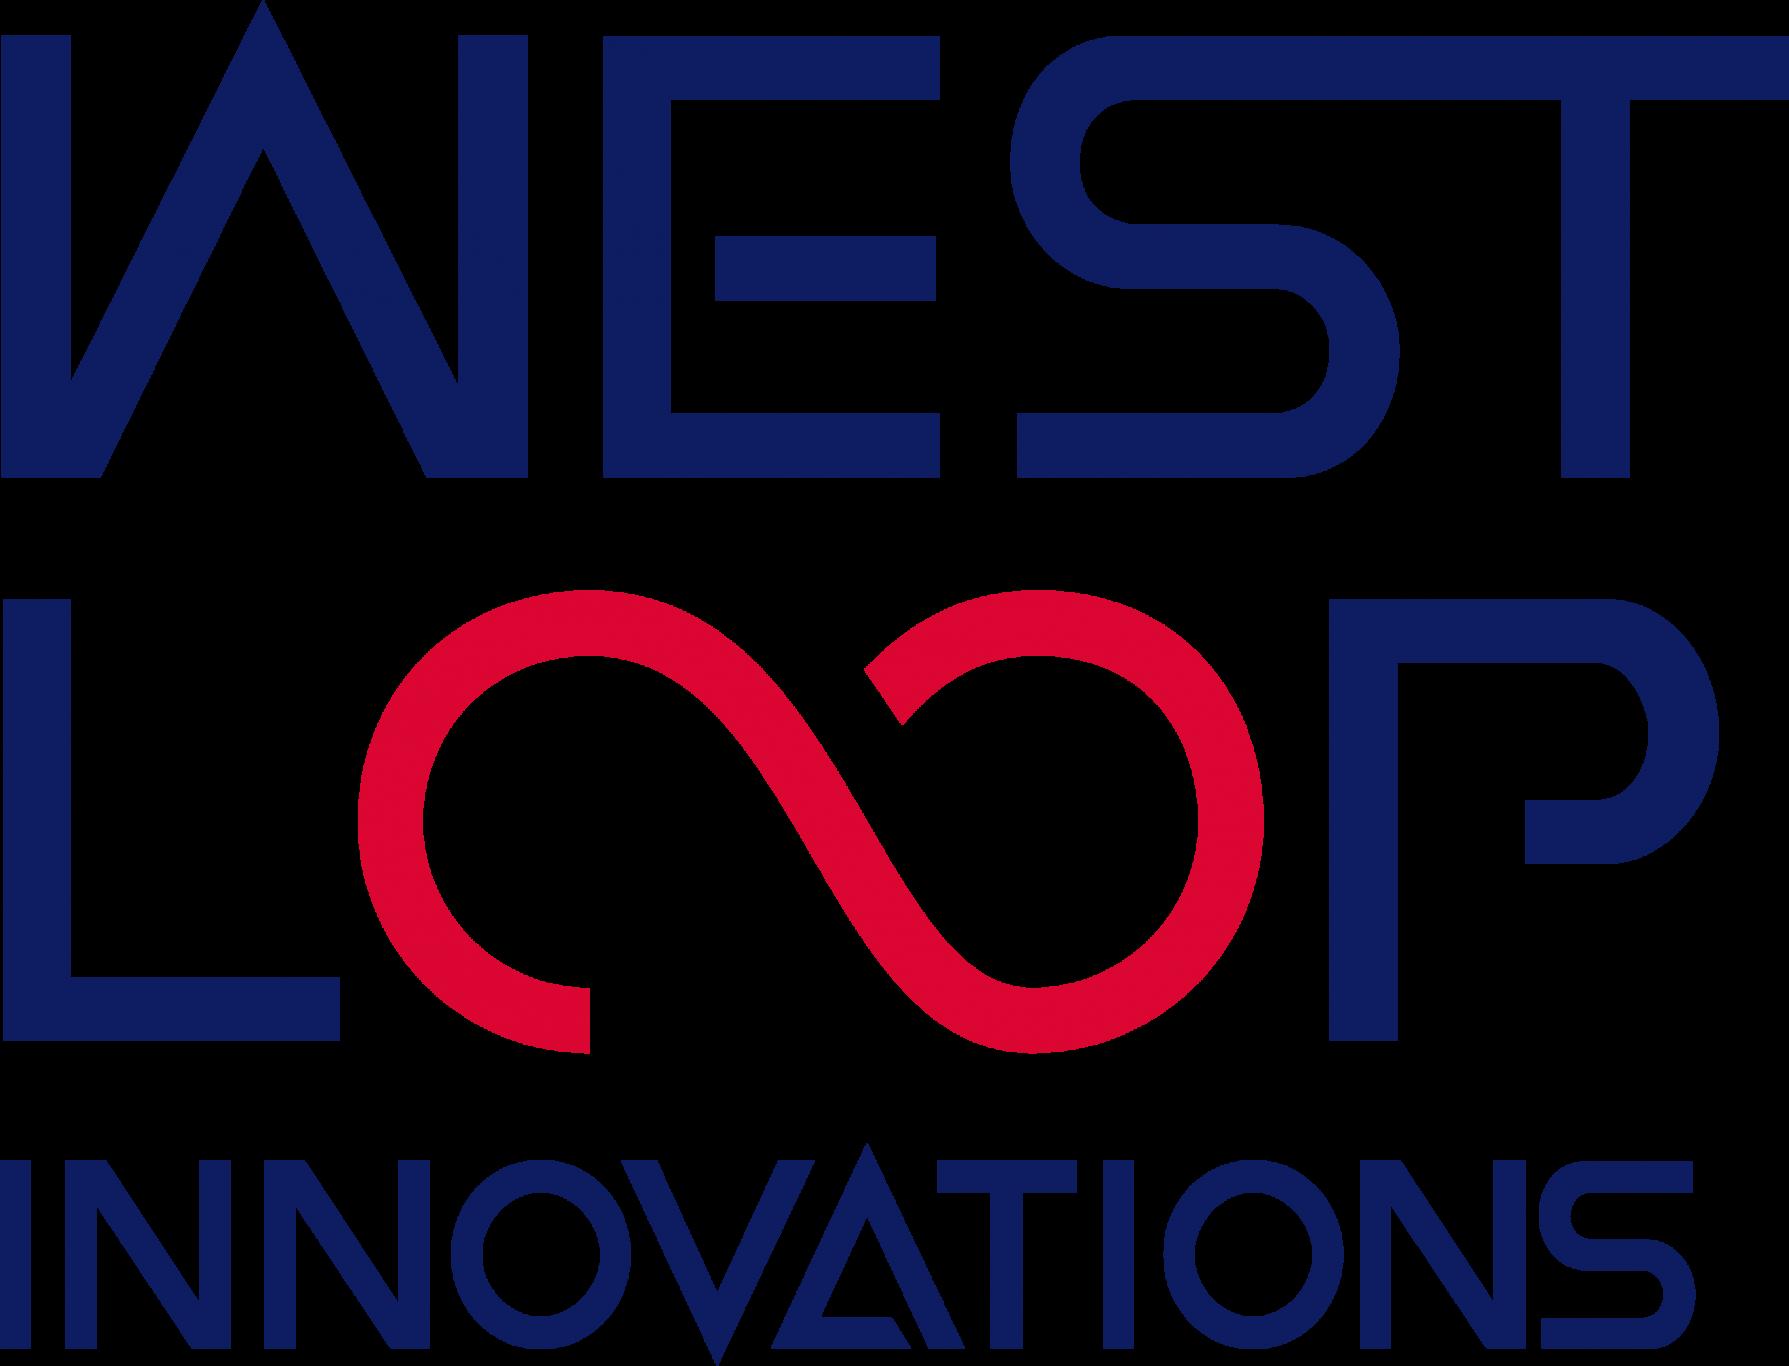 West Loop Innovations